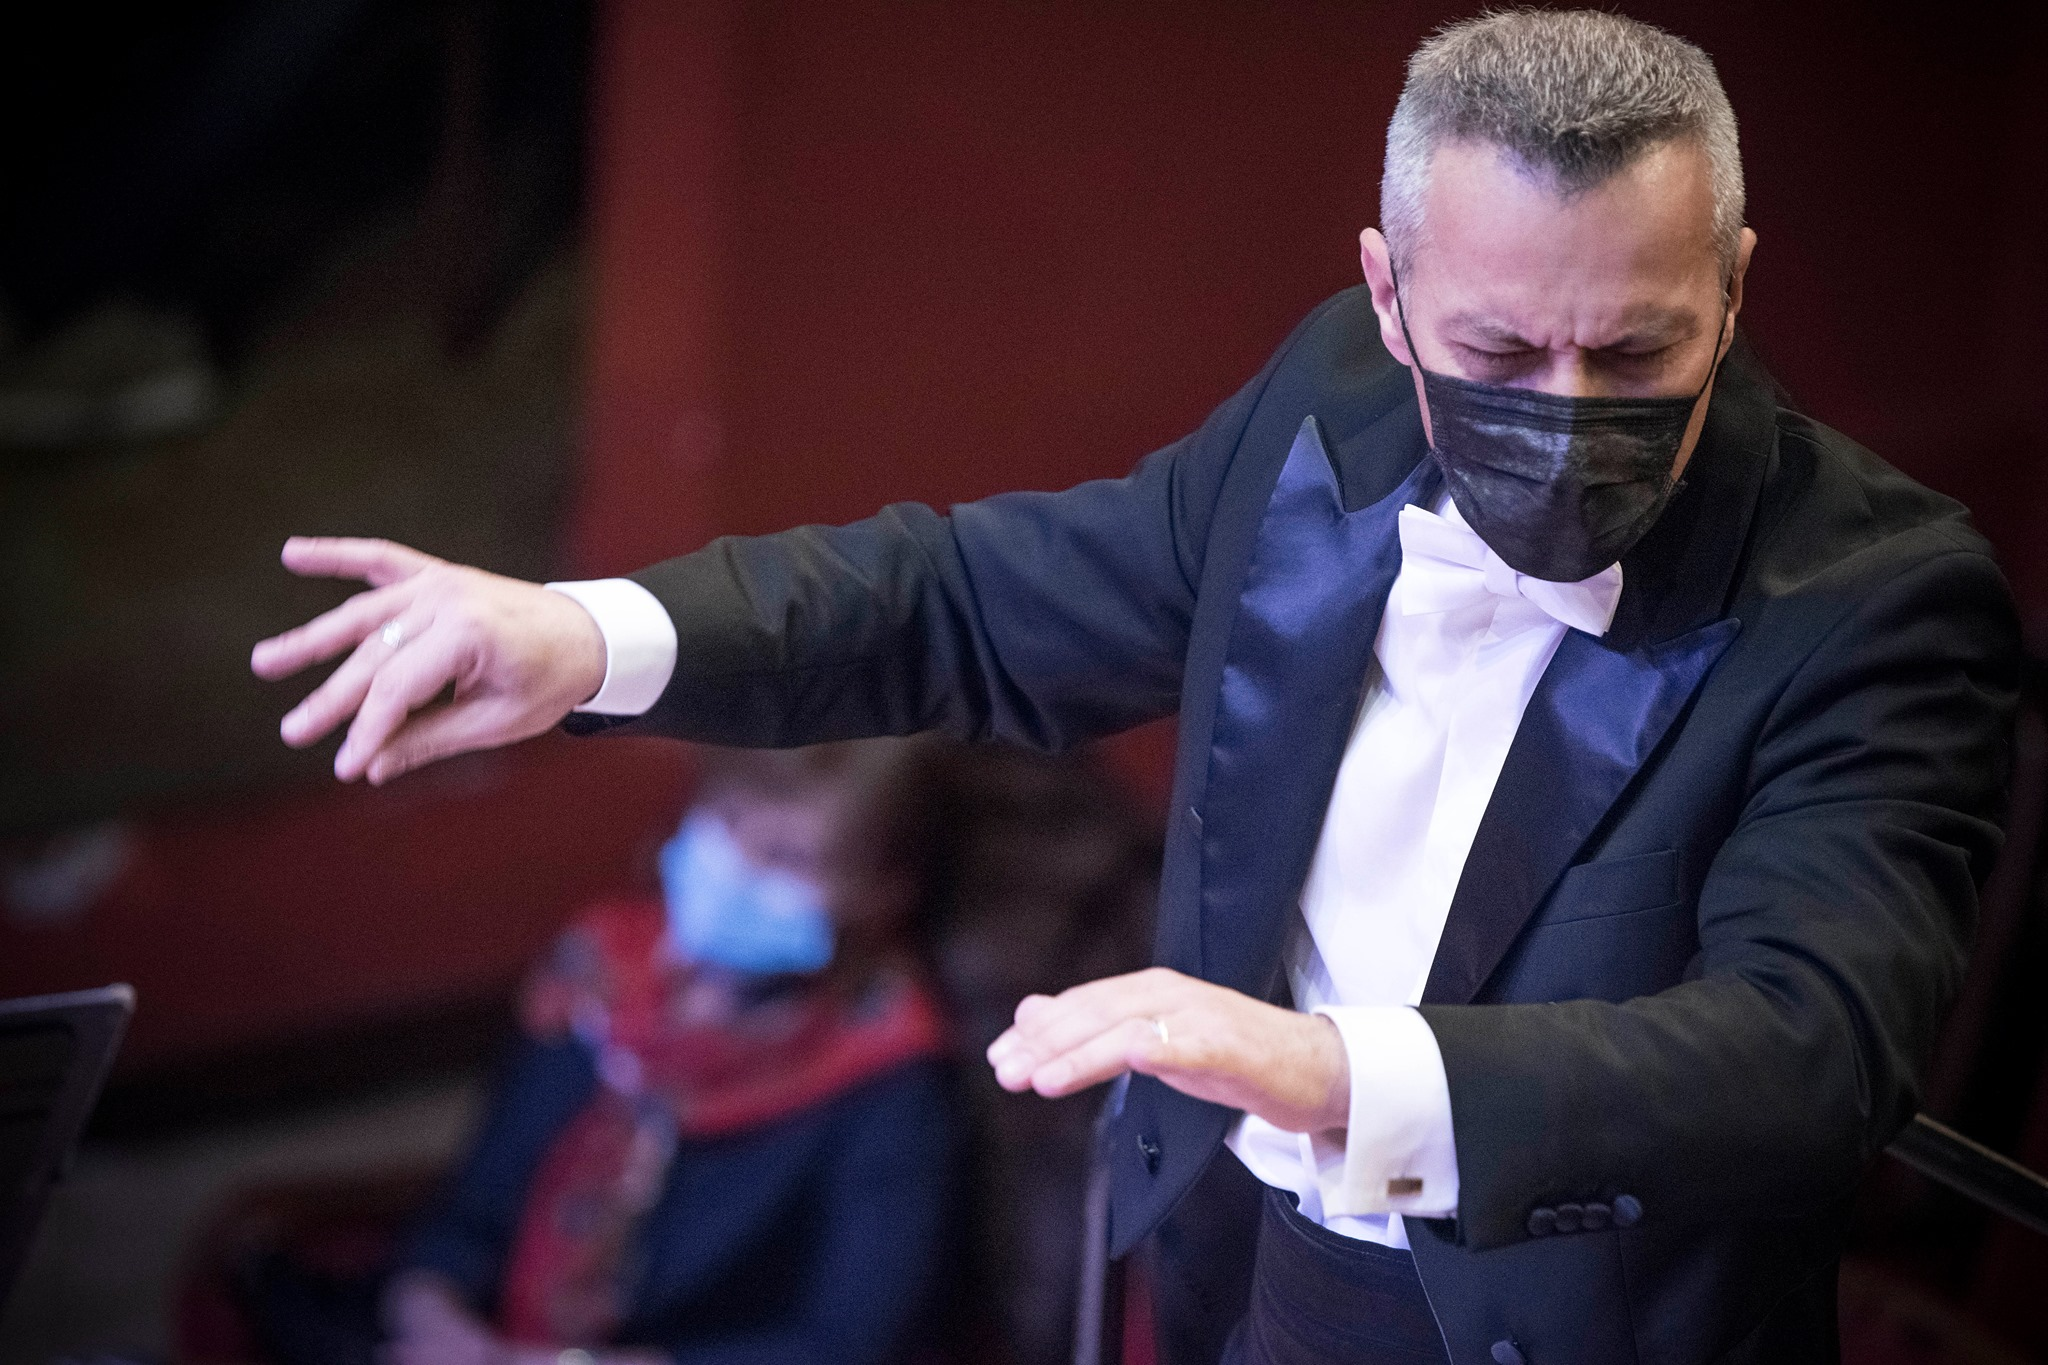 """Spectacole sold-out la Sibiu, după redeschiderea sălilor. """"Răspunsul publicului e speranța noastră că vom exista și după această pandemie"""""""